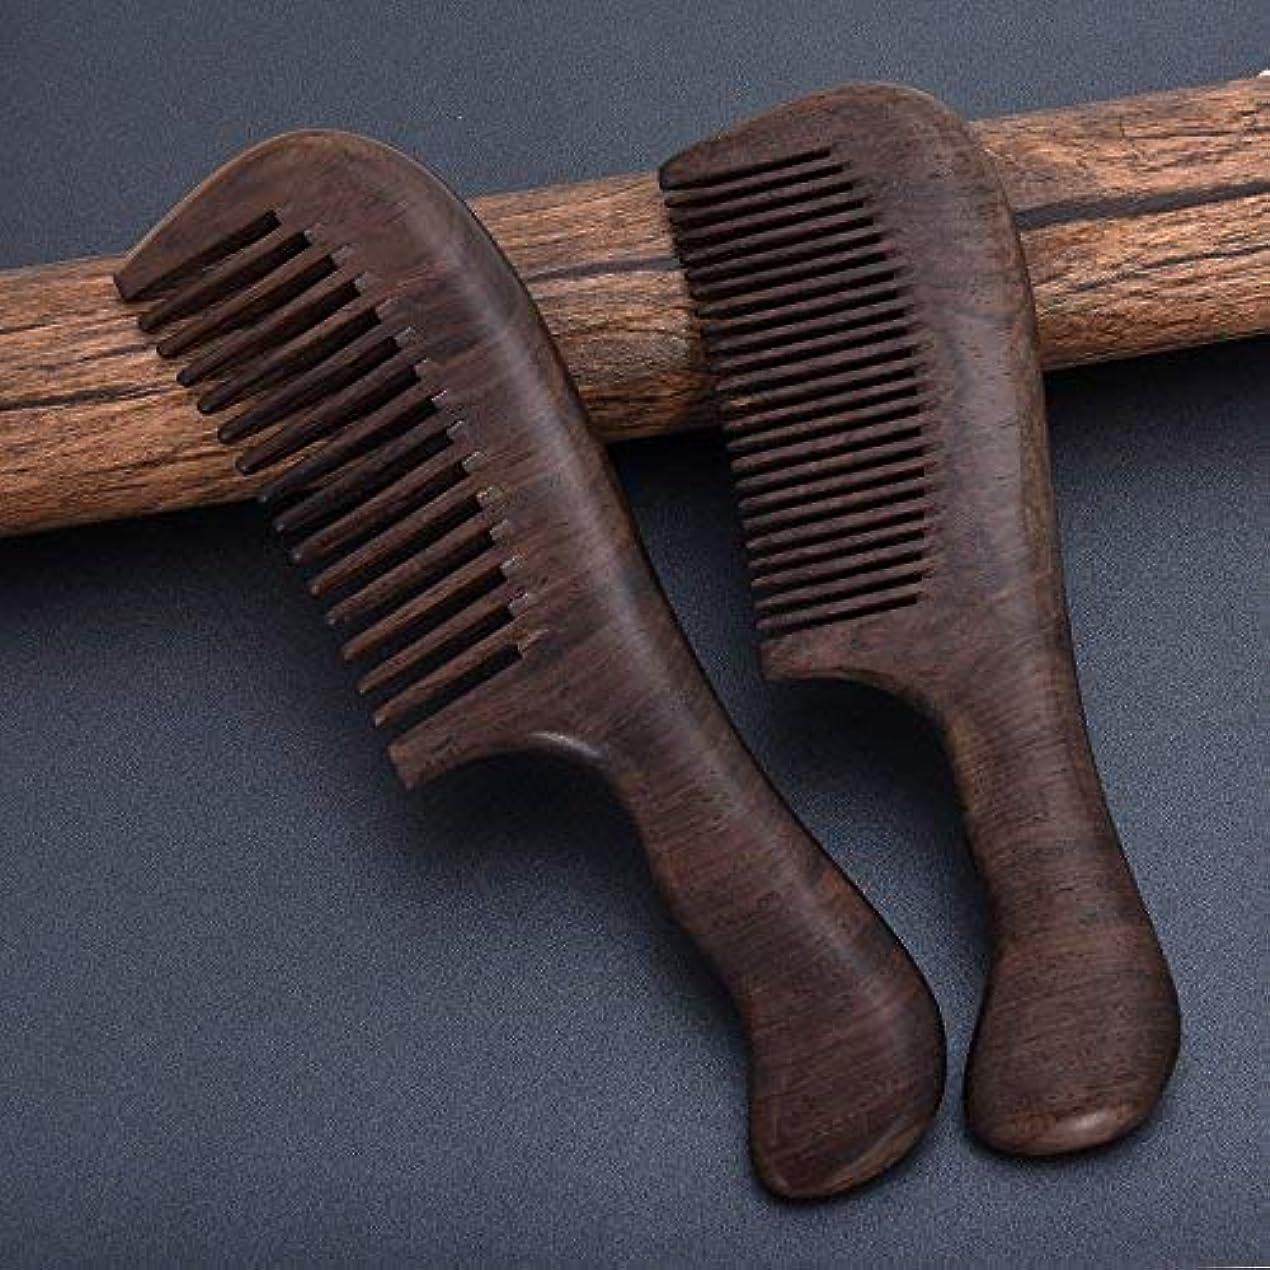 カトリック教徒選出する積極的にBlack Sandalwood Hair Comb, Pack of 2 Anti-static 8 inches Wooden Comb Set with Natural Aroma, A Standard Comb and A Wide Teeth Comb [並行輸入品]